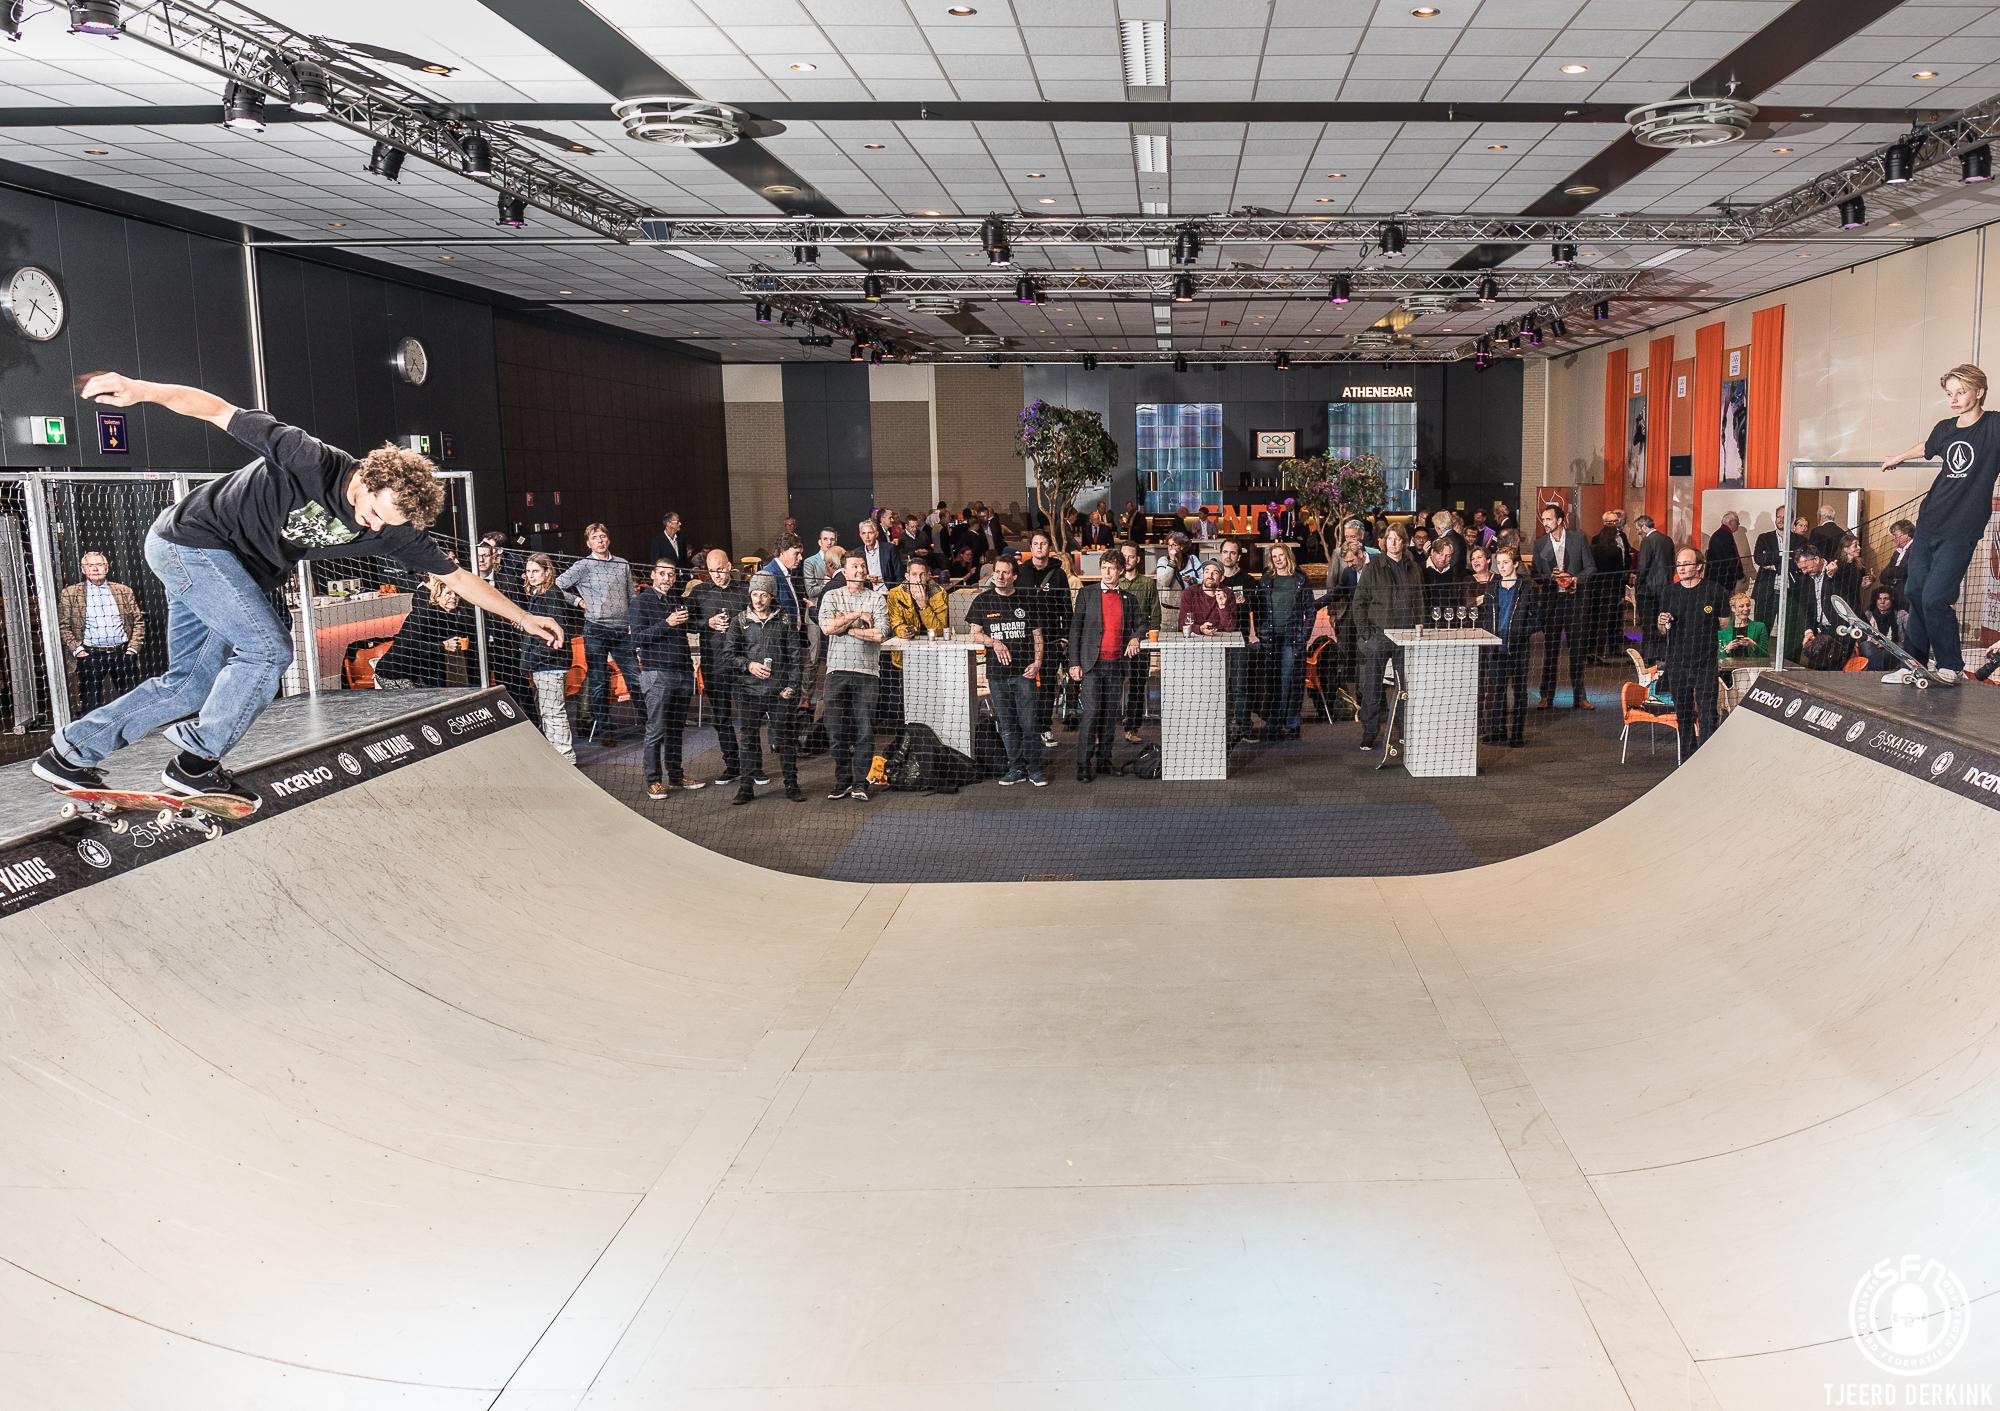 Voor aanvang van de algemene ledenvergadering van NOC*NSF gaf de Nederlandse Skateboard Selectie een spectaculaire miniramp-demonstratie